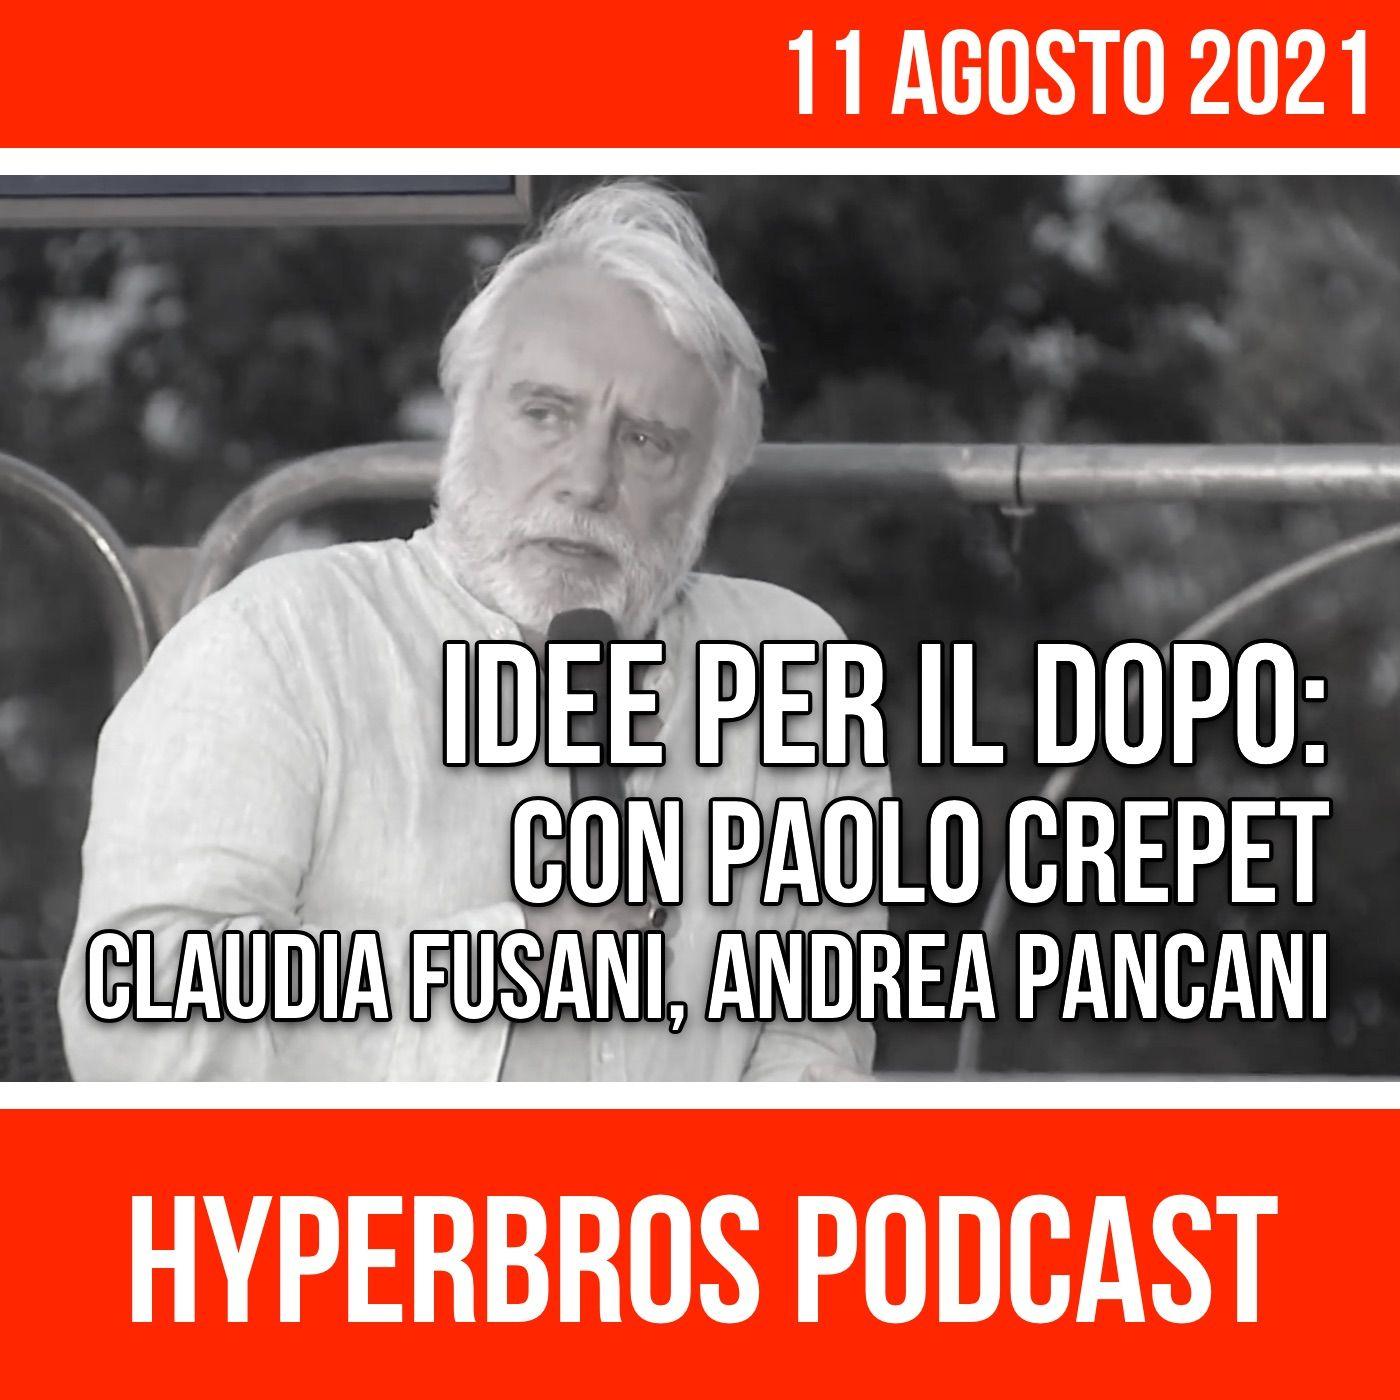 Idee per il dopo: con Paolo Crepet, Claudia Fusani, Andrea Pancani